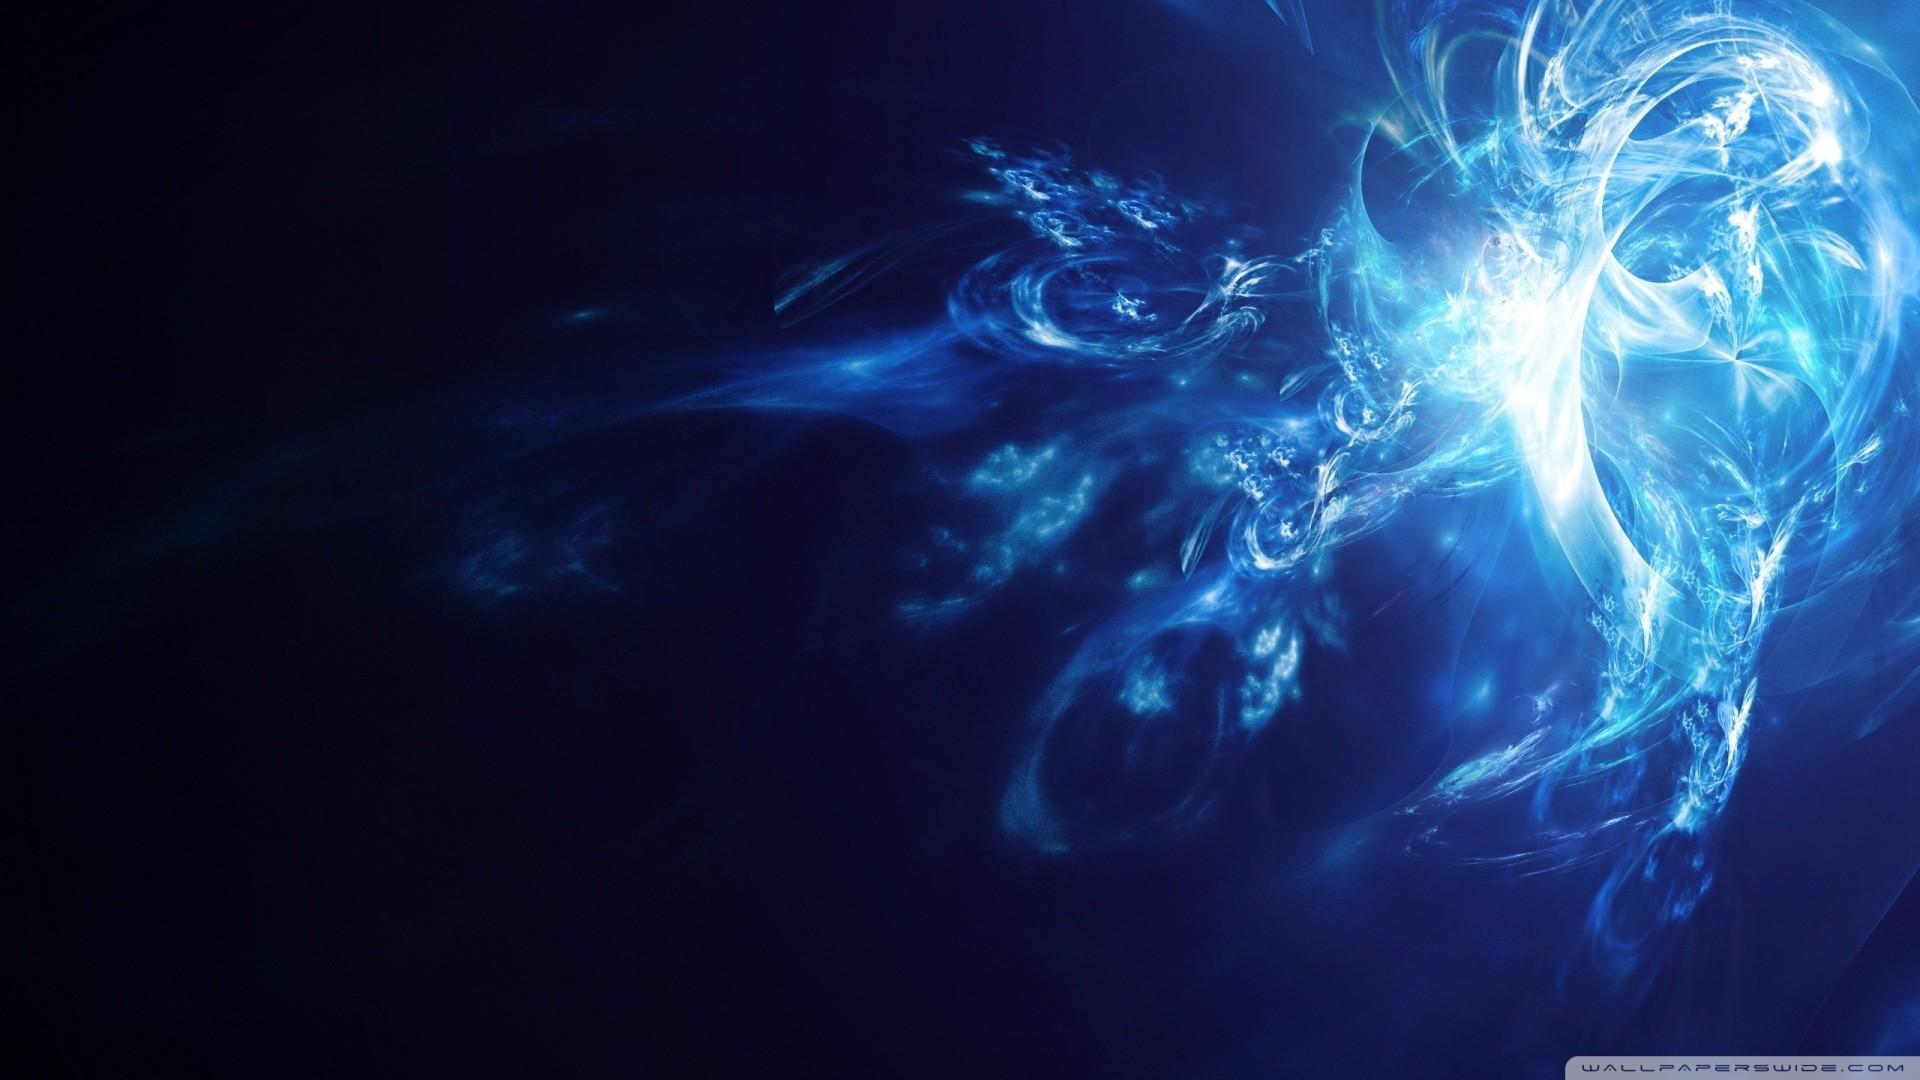 Blue Smoke 2 Wallpaper Blue, Smoke, 2